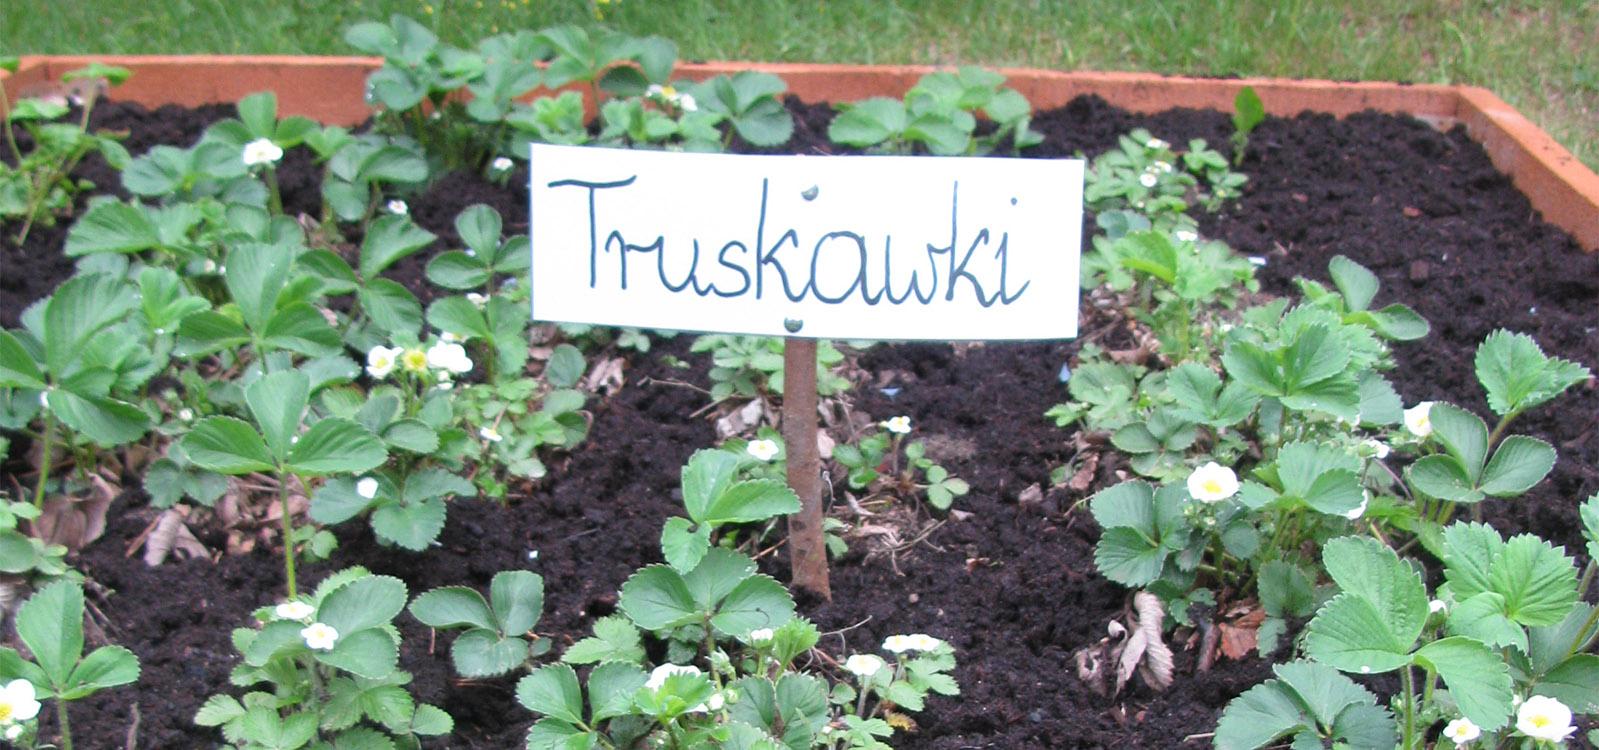 EKOLUDEK_Niepubliczne_przedszkole_ekologiczne_Lodz_Truskawki.jpg